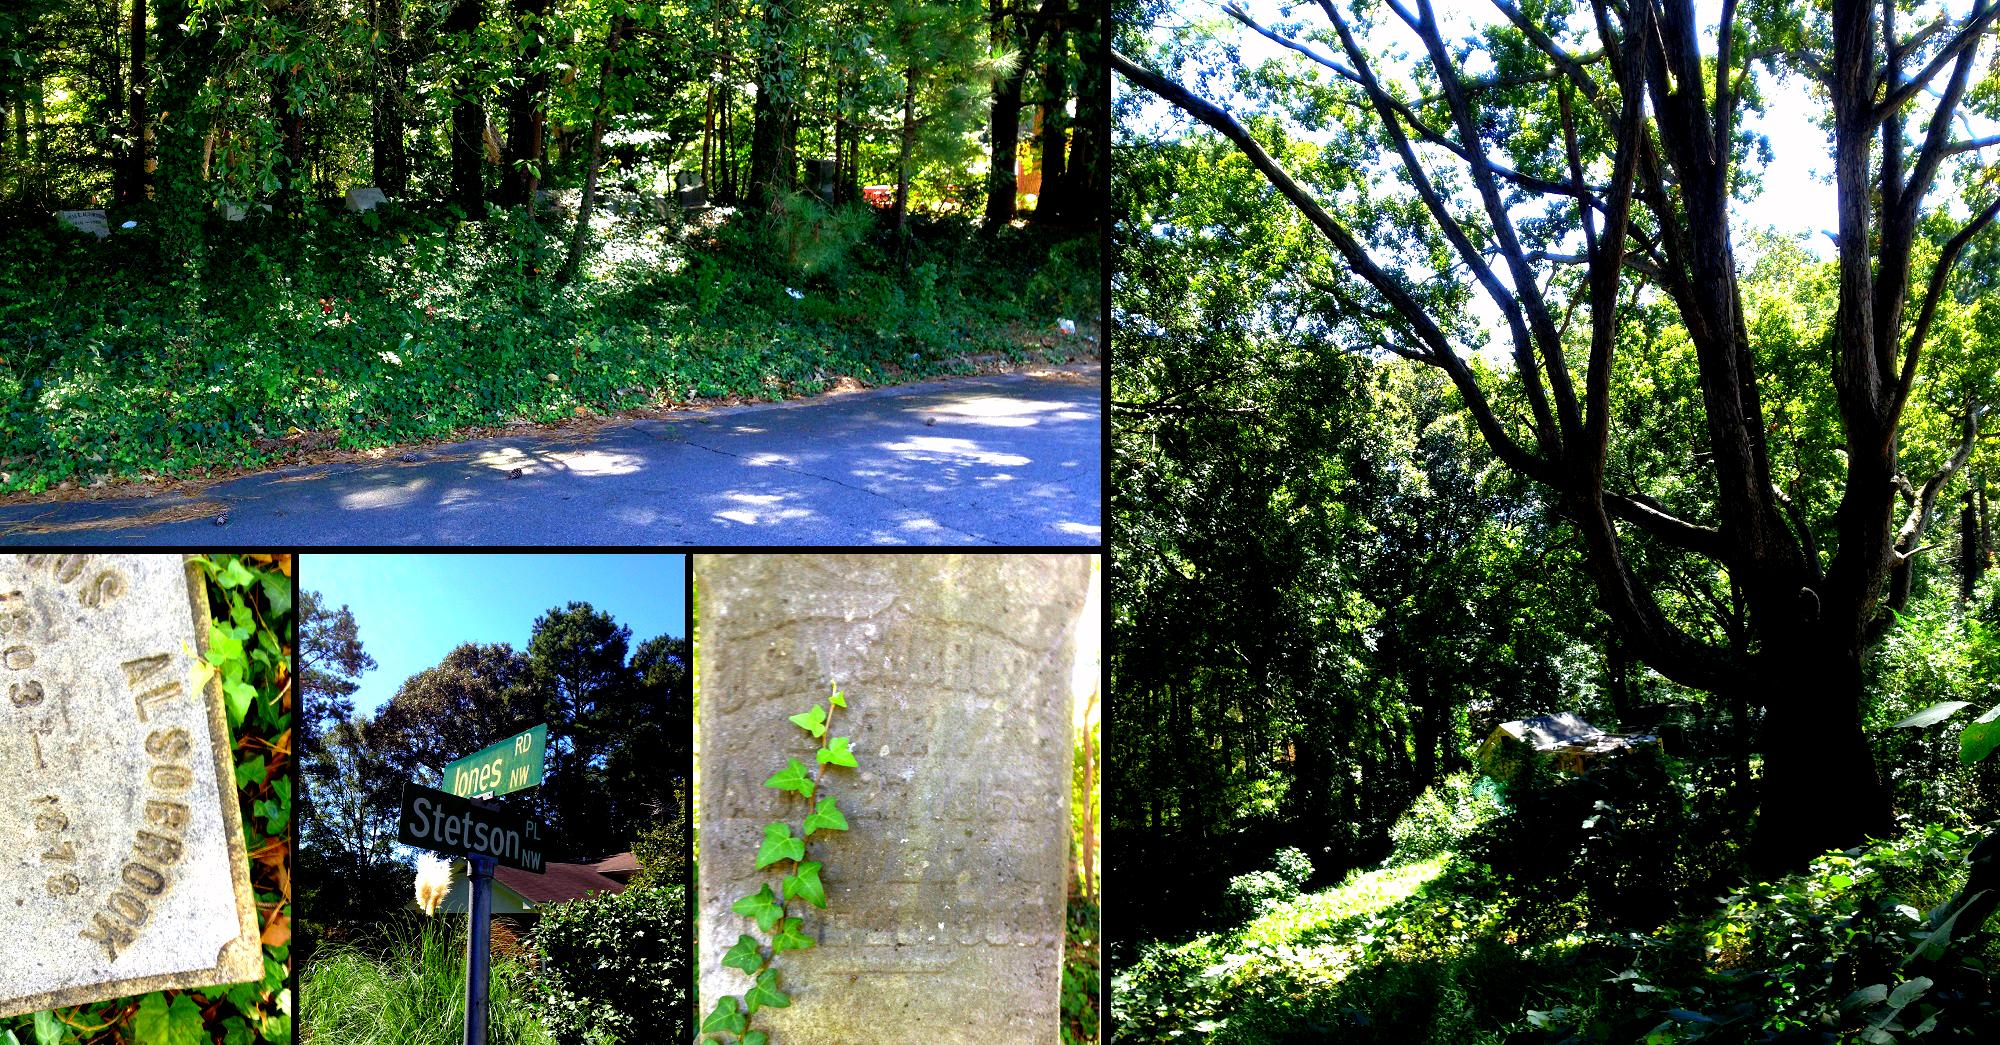 Alsobrook Cemetery - History Atlanta 2014